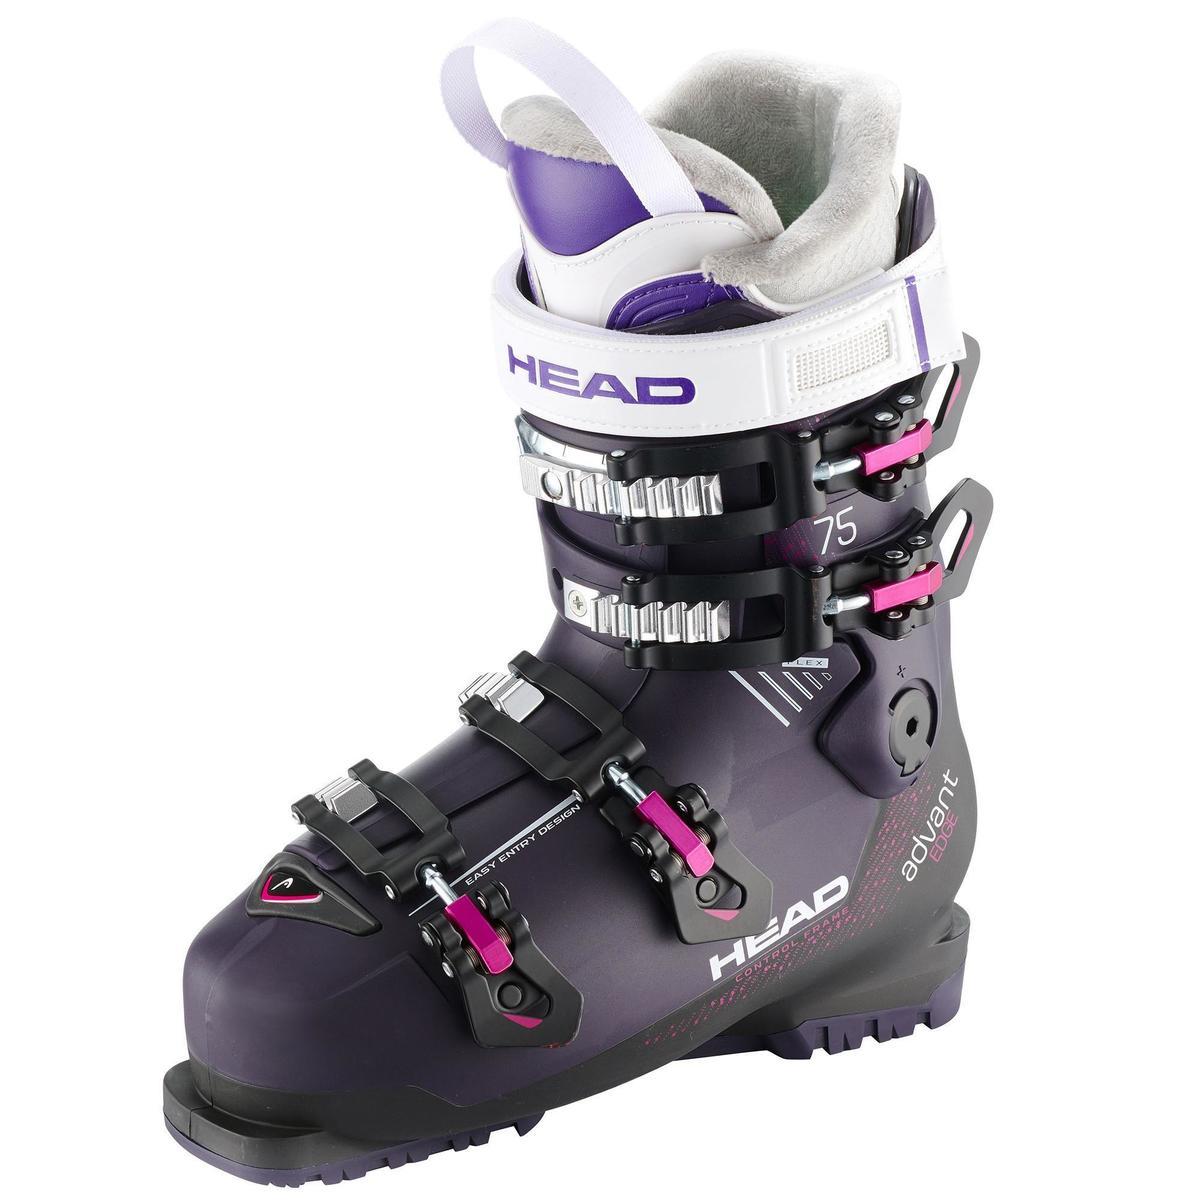 Bild 1 von Skischuhe Advant Edge 75 Damen violett